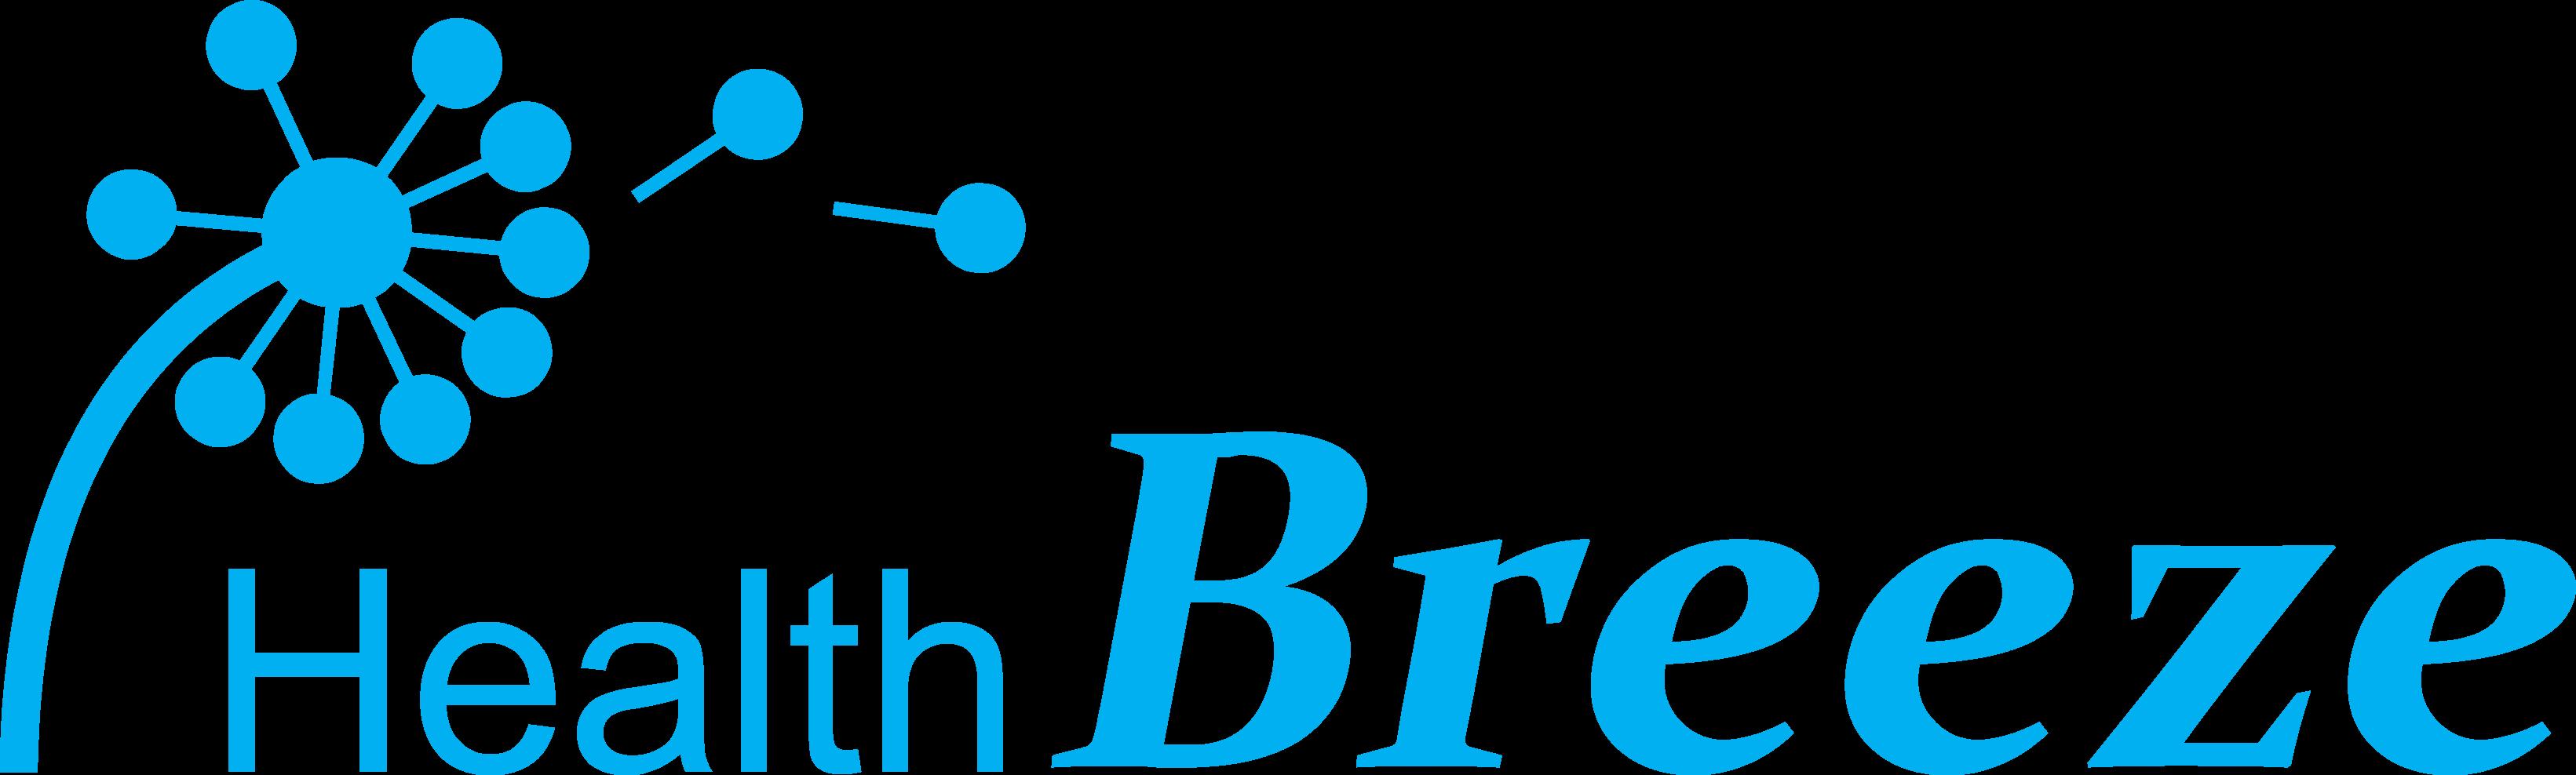 마크로젠의 계열사 (주)헬스브리즈의 로고